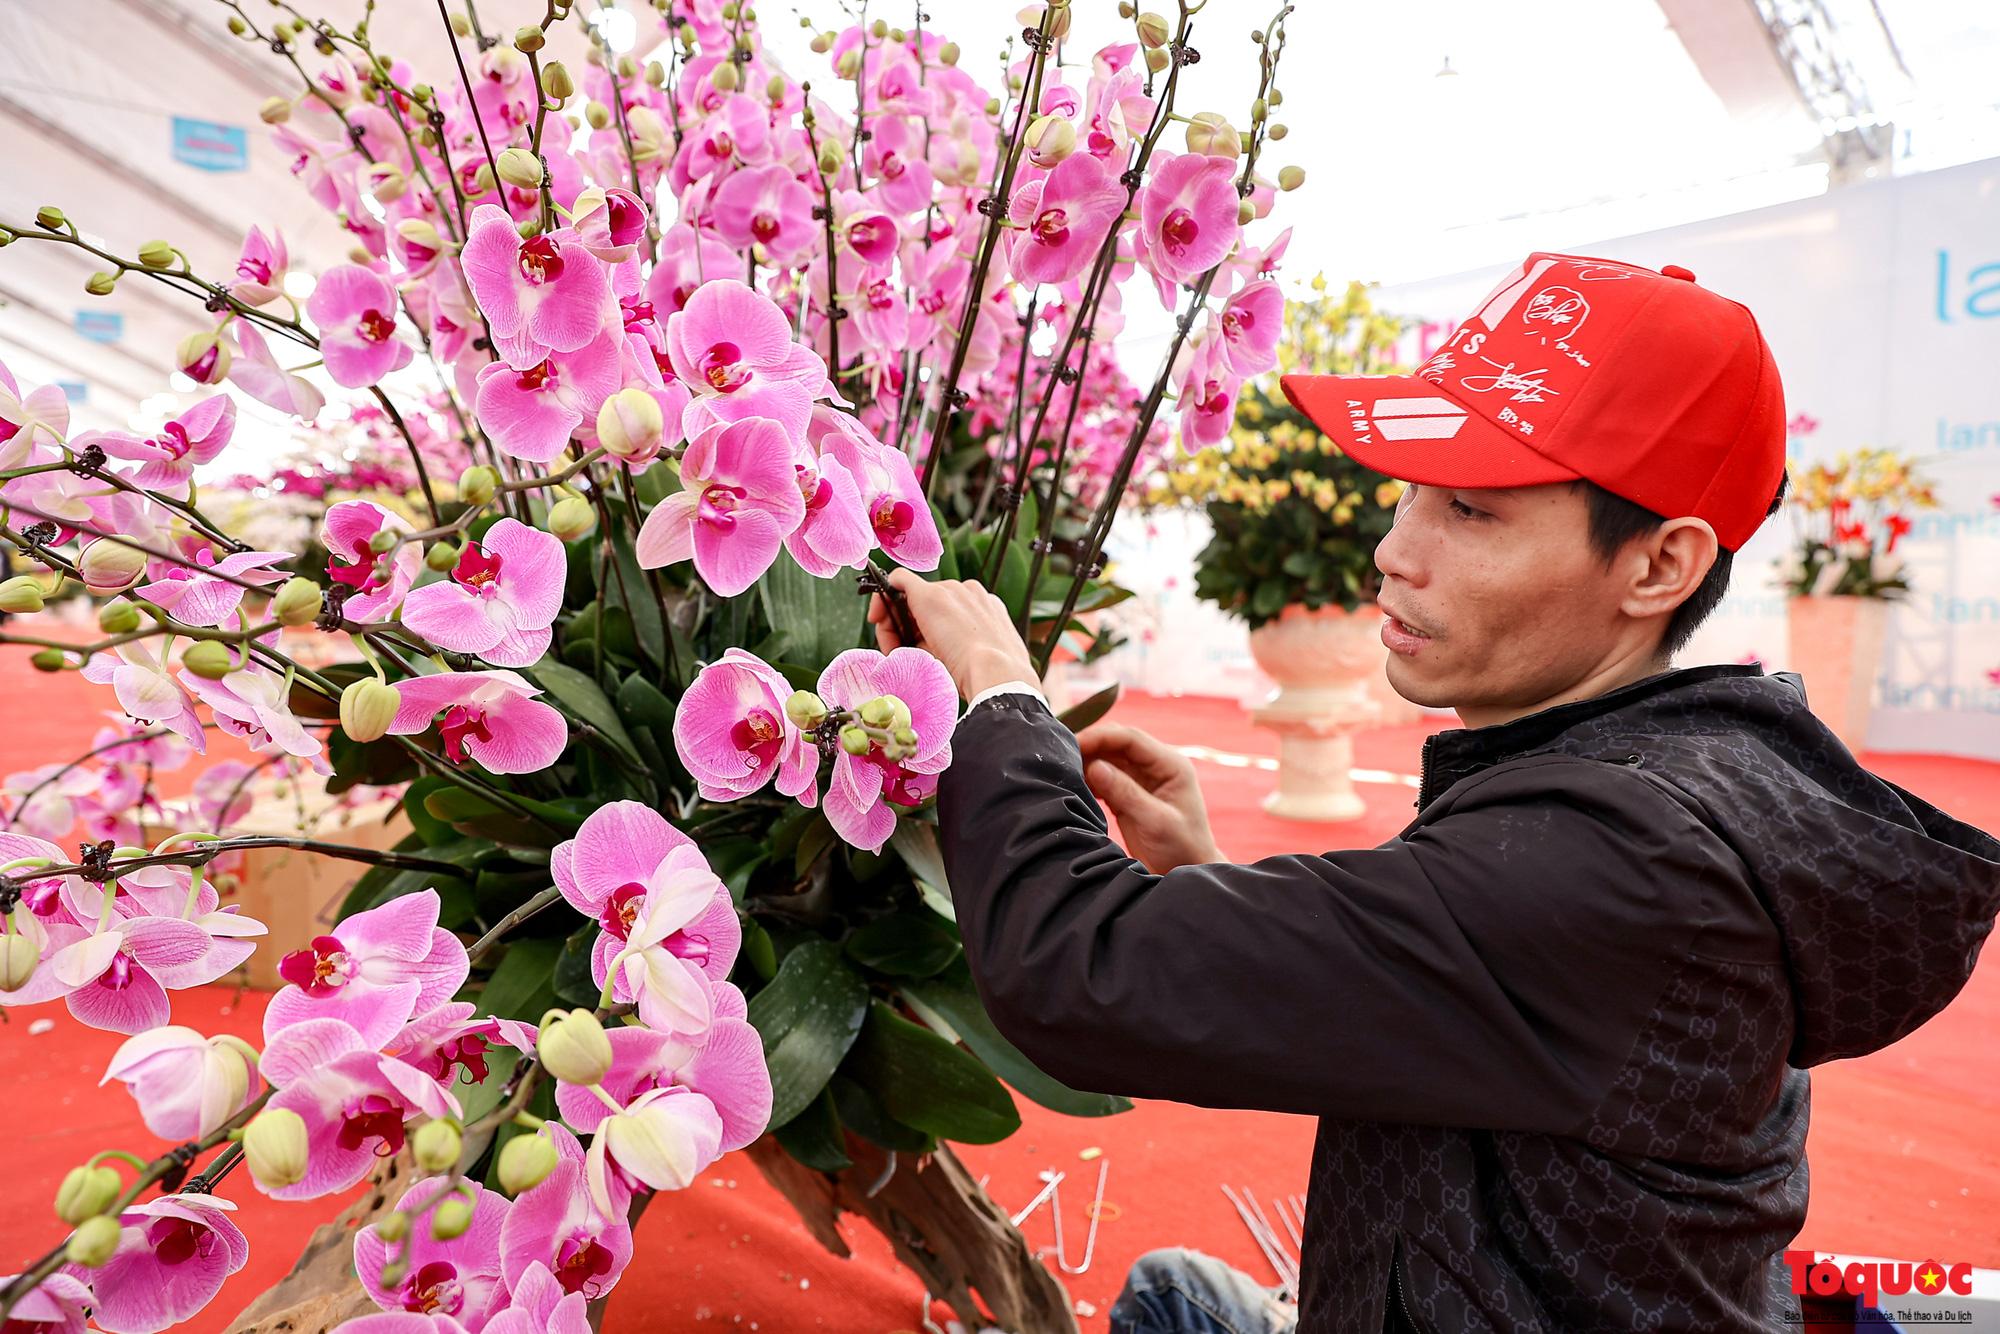 Lan Hồ Điệp giá hàng trăm triệu xuất hiện tại Hà Nội phục vụ Tết Nguyên đán - Ảnh 11.